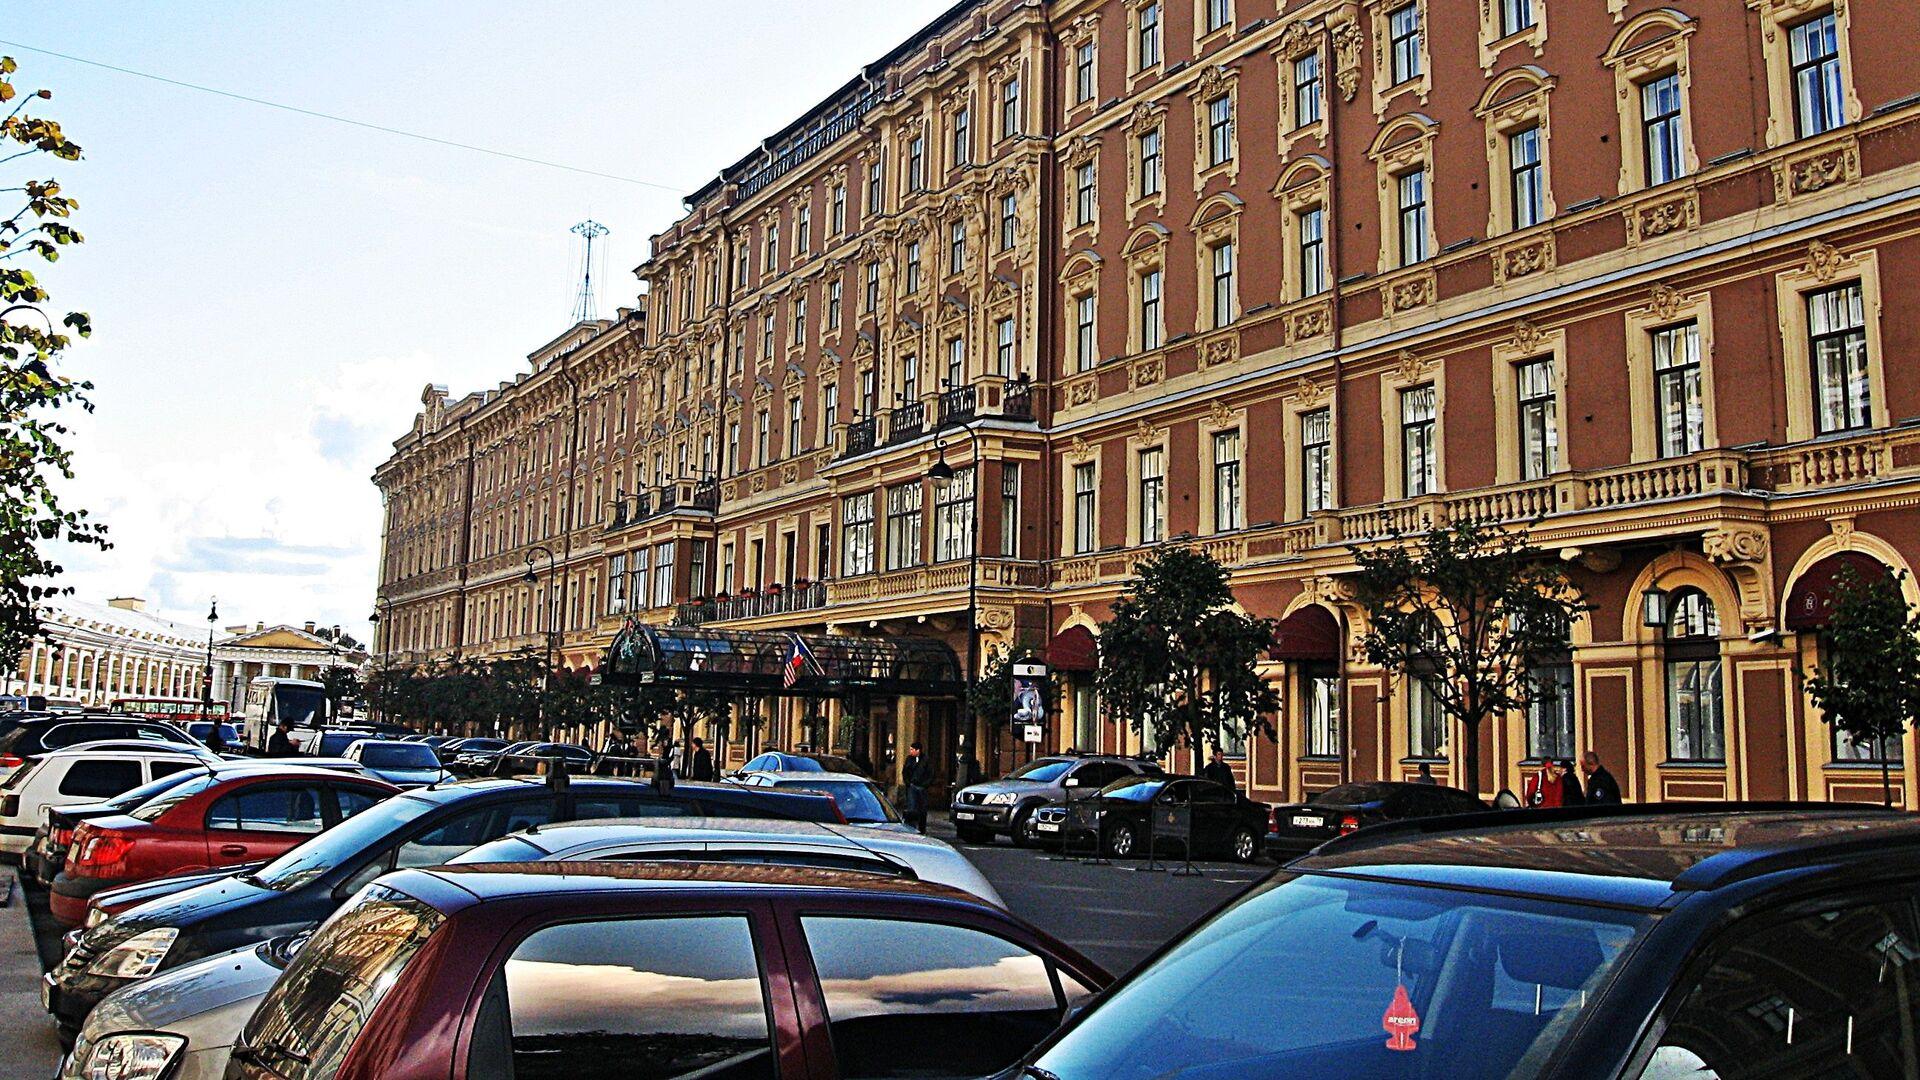 hotel Evropa v Petrohradu - Sputnik Česká republika, 1920, 14.06.2021